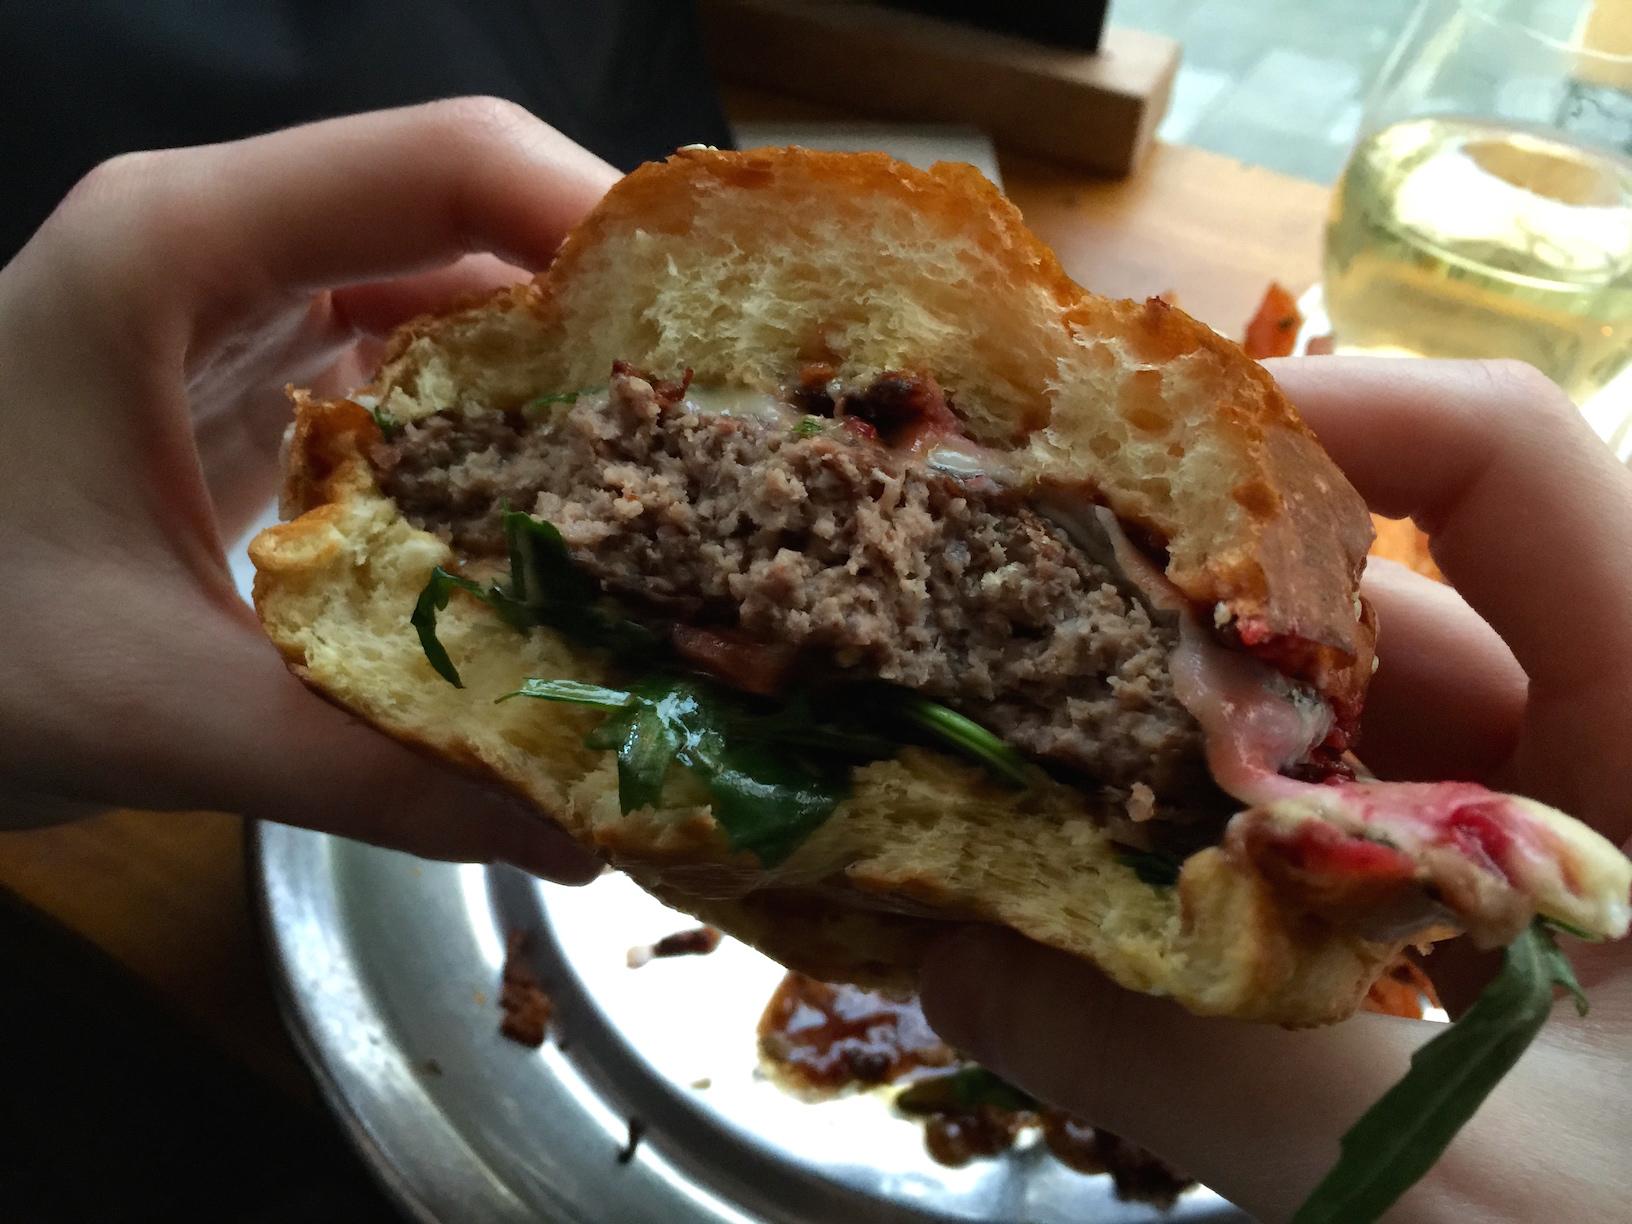 An inside shot of my burger